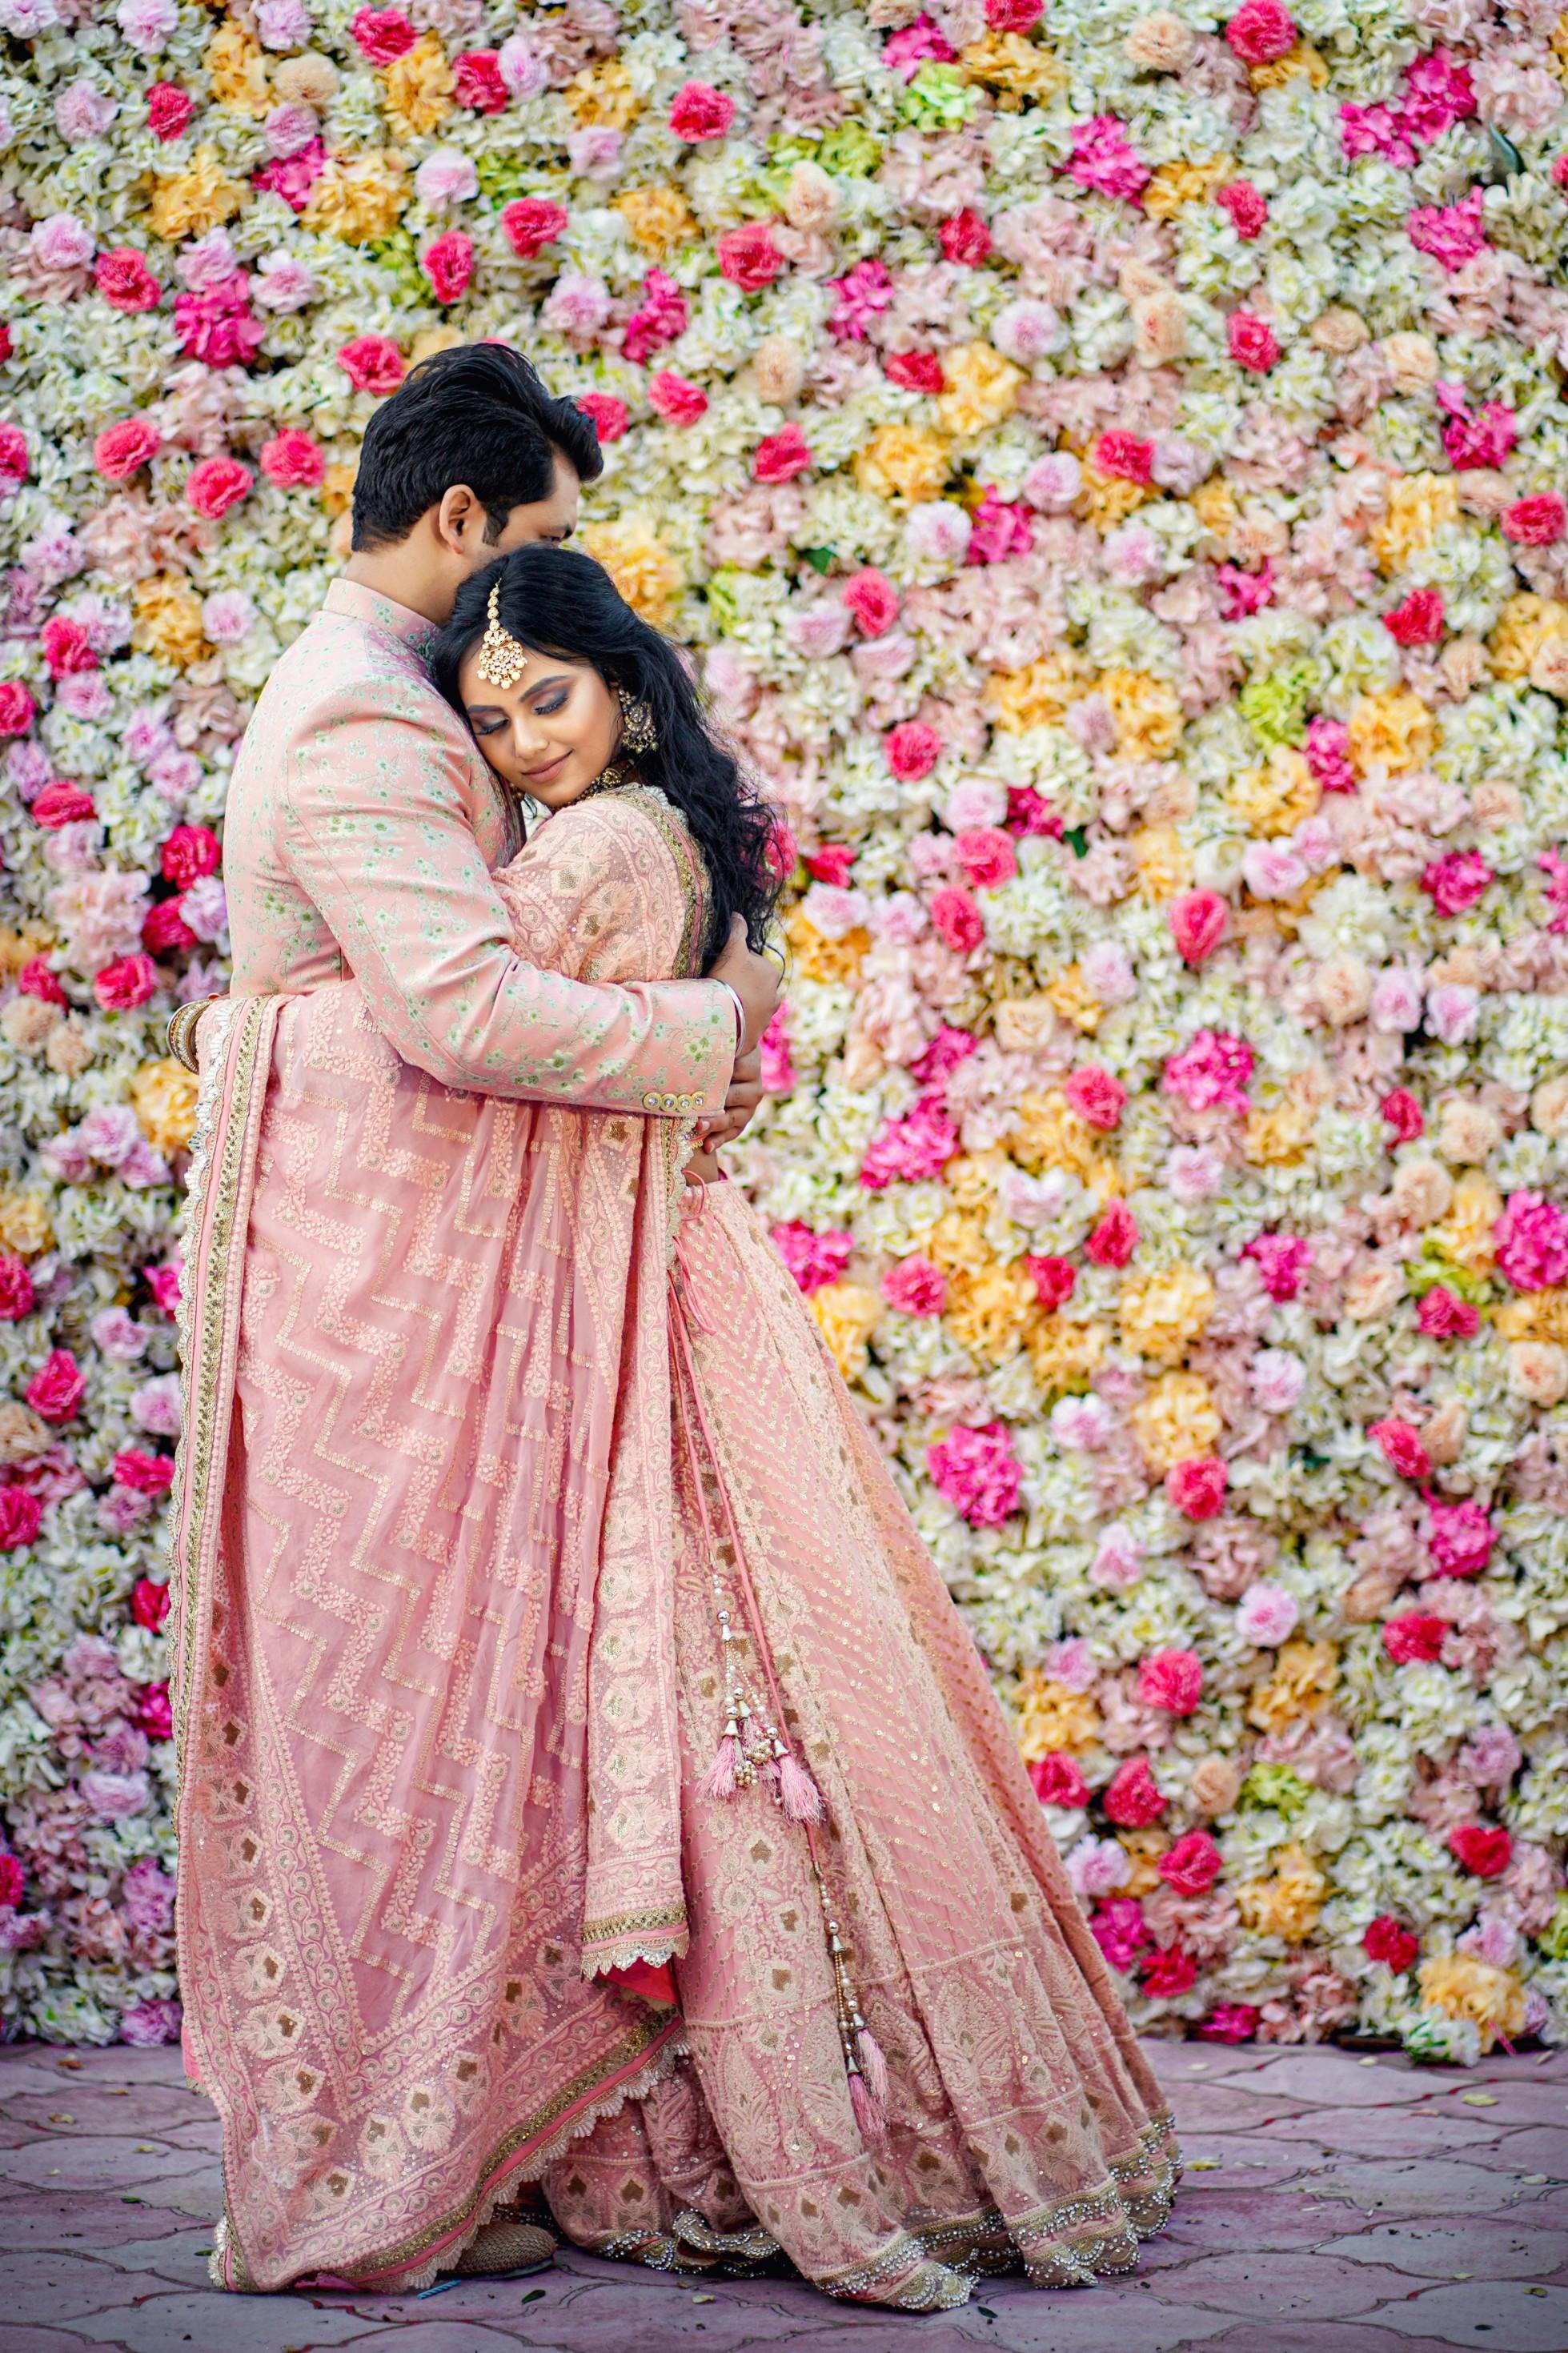 romantic couple photo poses